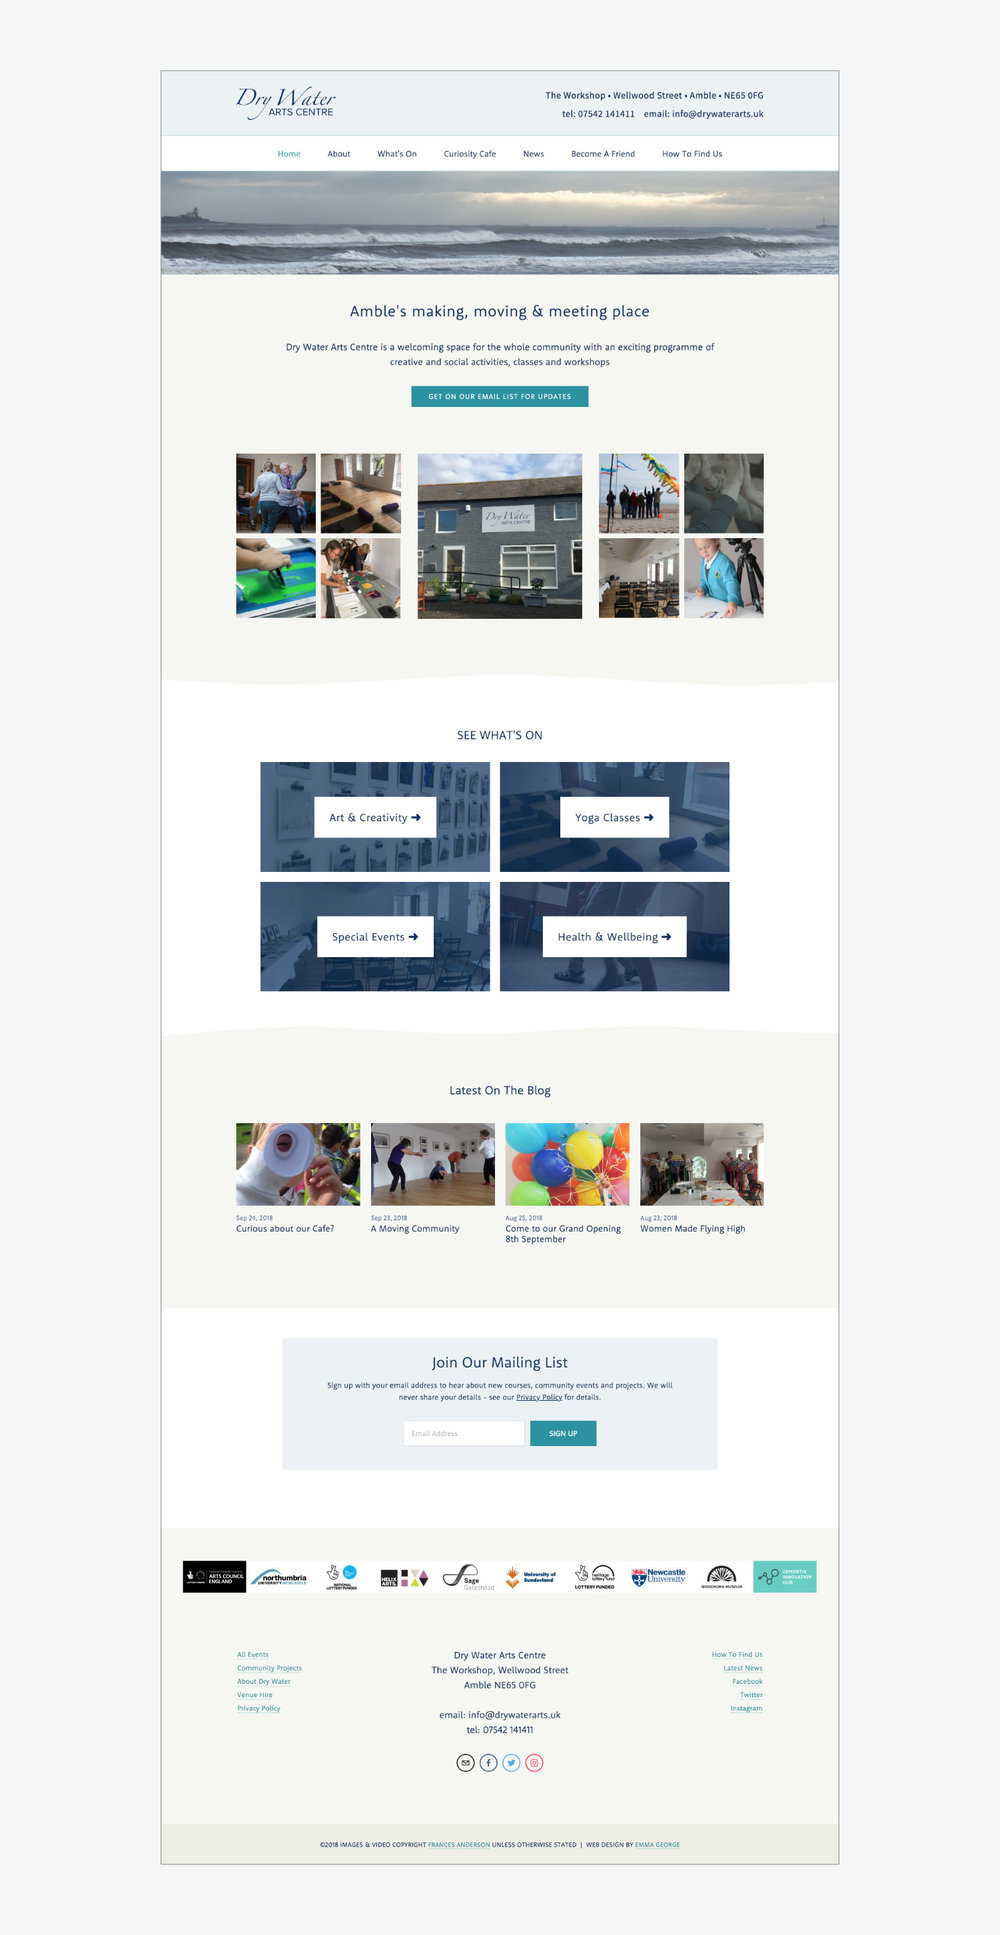 Squarespace website design for new arts centre